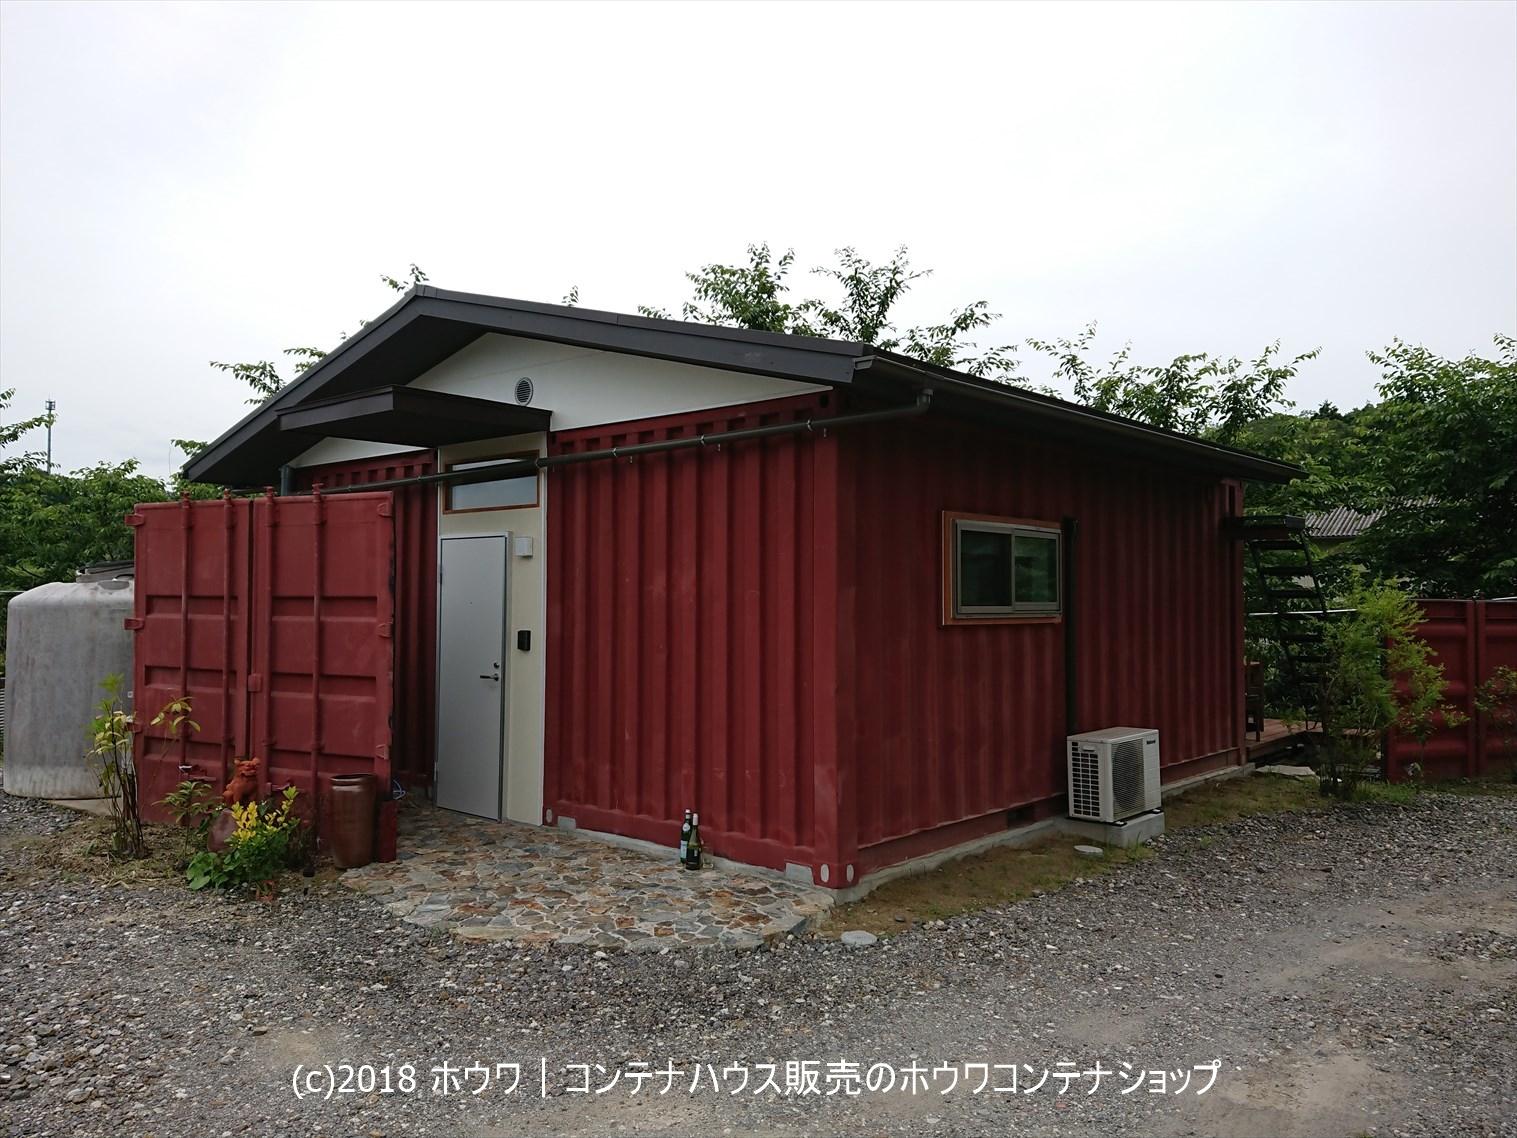 三重県内のコンテナハウス住居